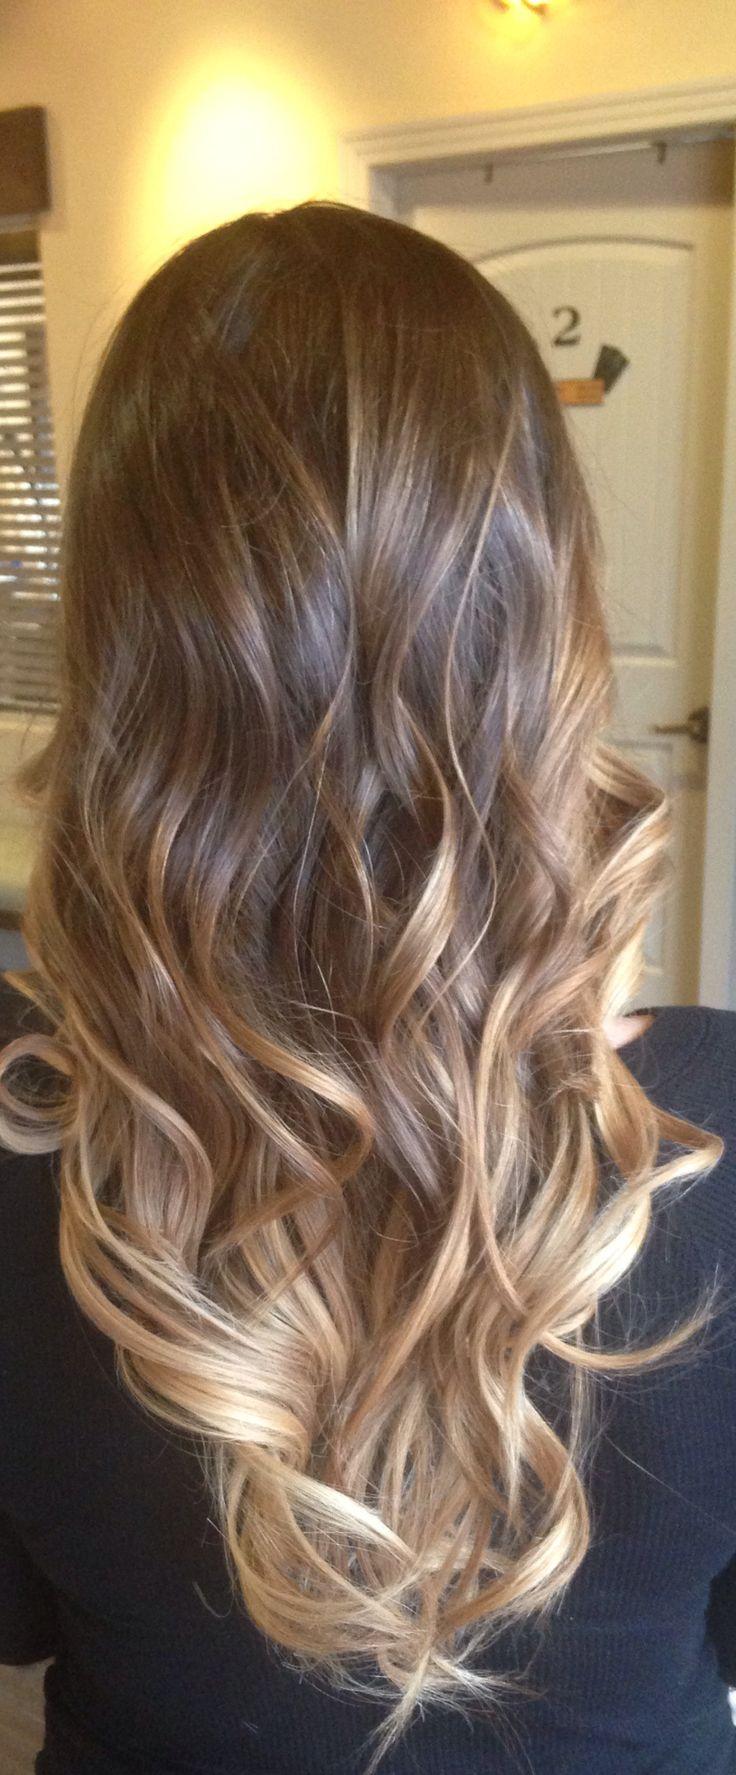 Как сделать амбре окрашивание волос дома